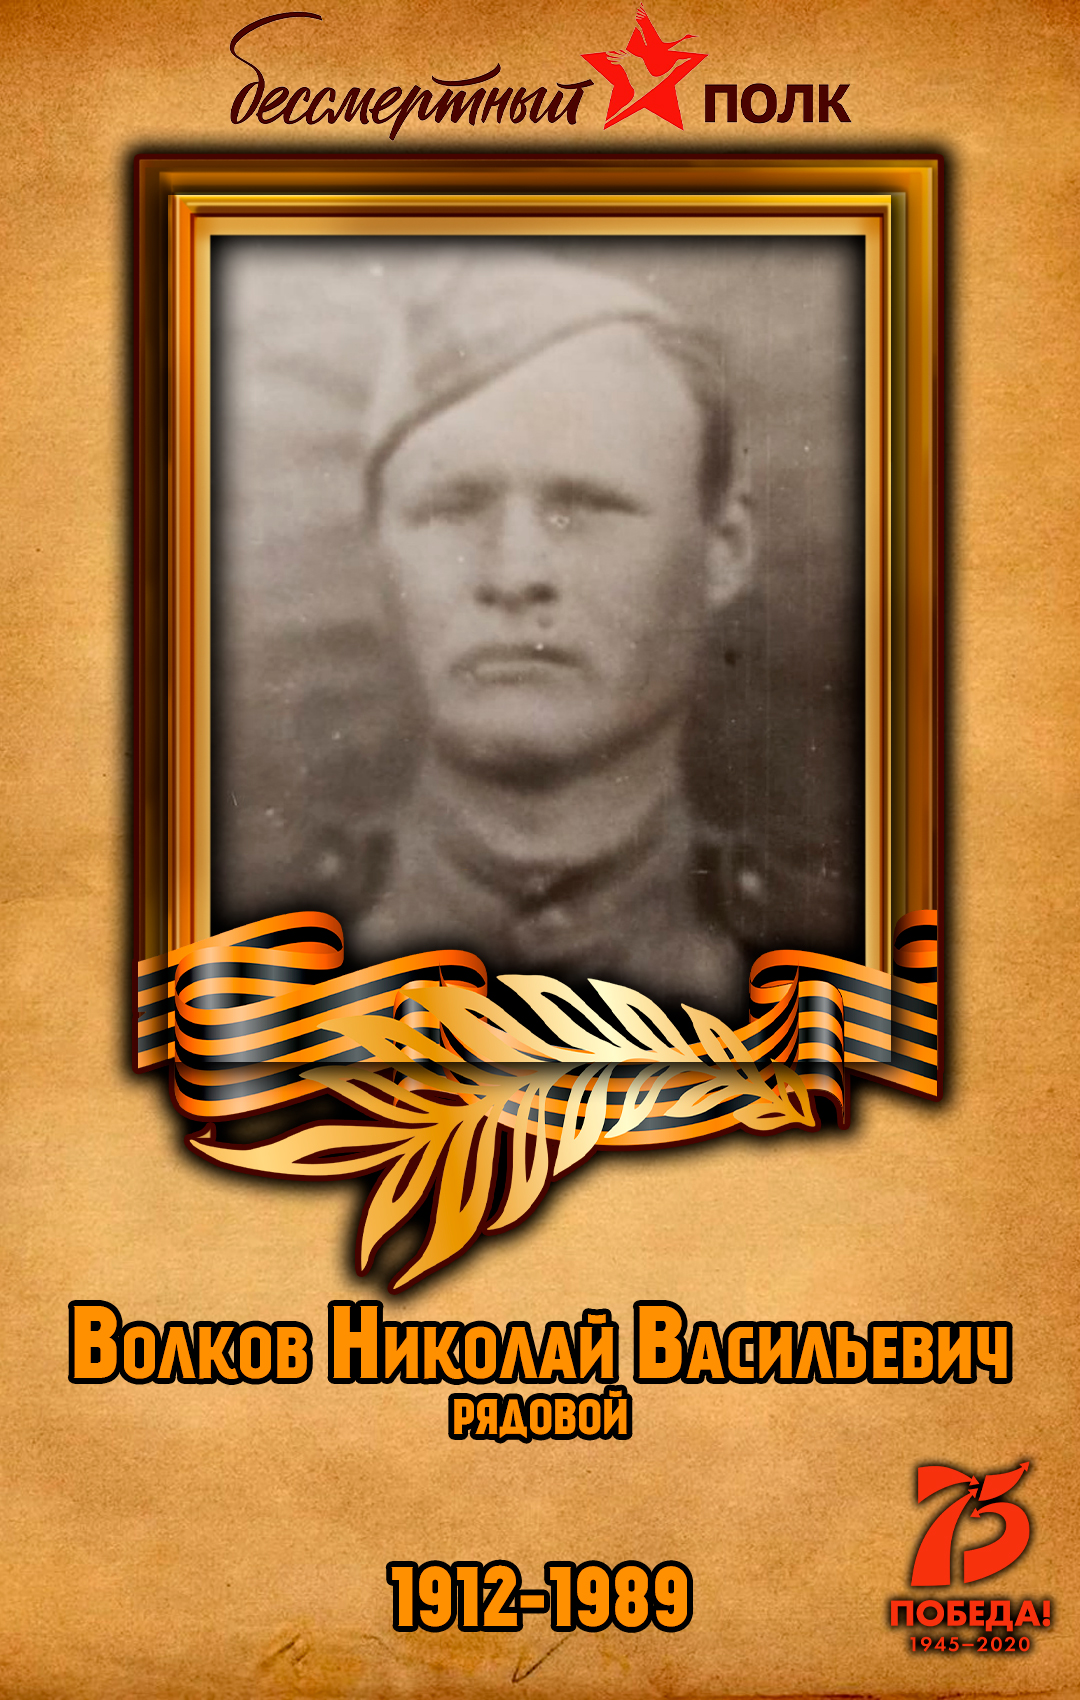 Волков-Николай-Васильевич